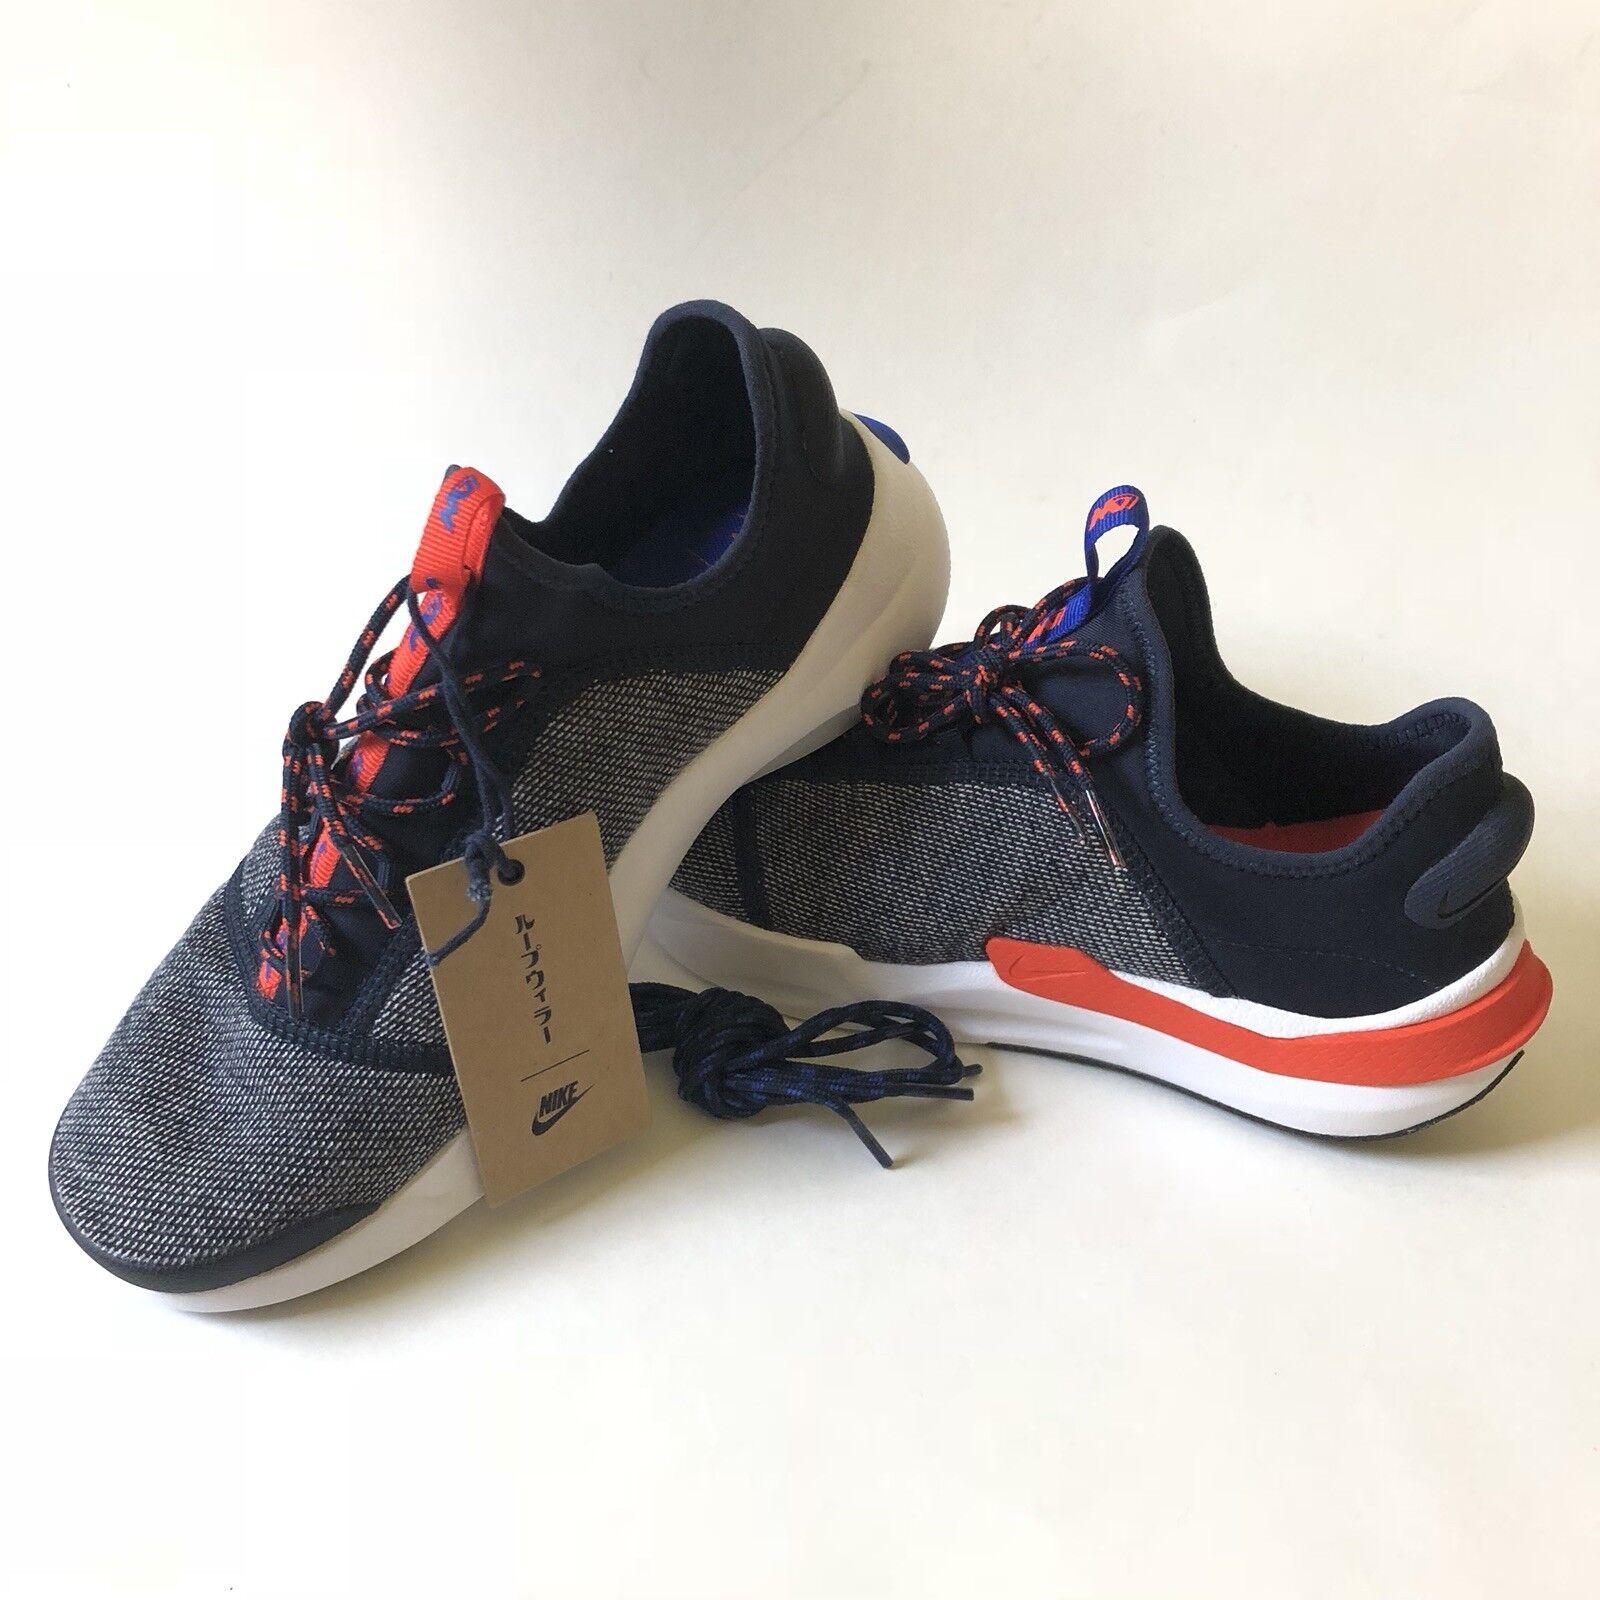 3cd931dff7 Nike Shift One LW Blue AQ2440-400 Sz 8.5 Obsidian/Hyper NEW ...